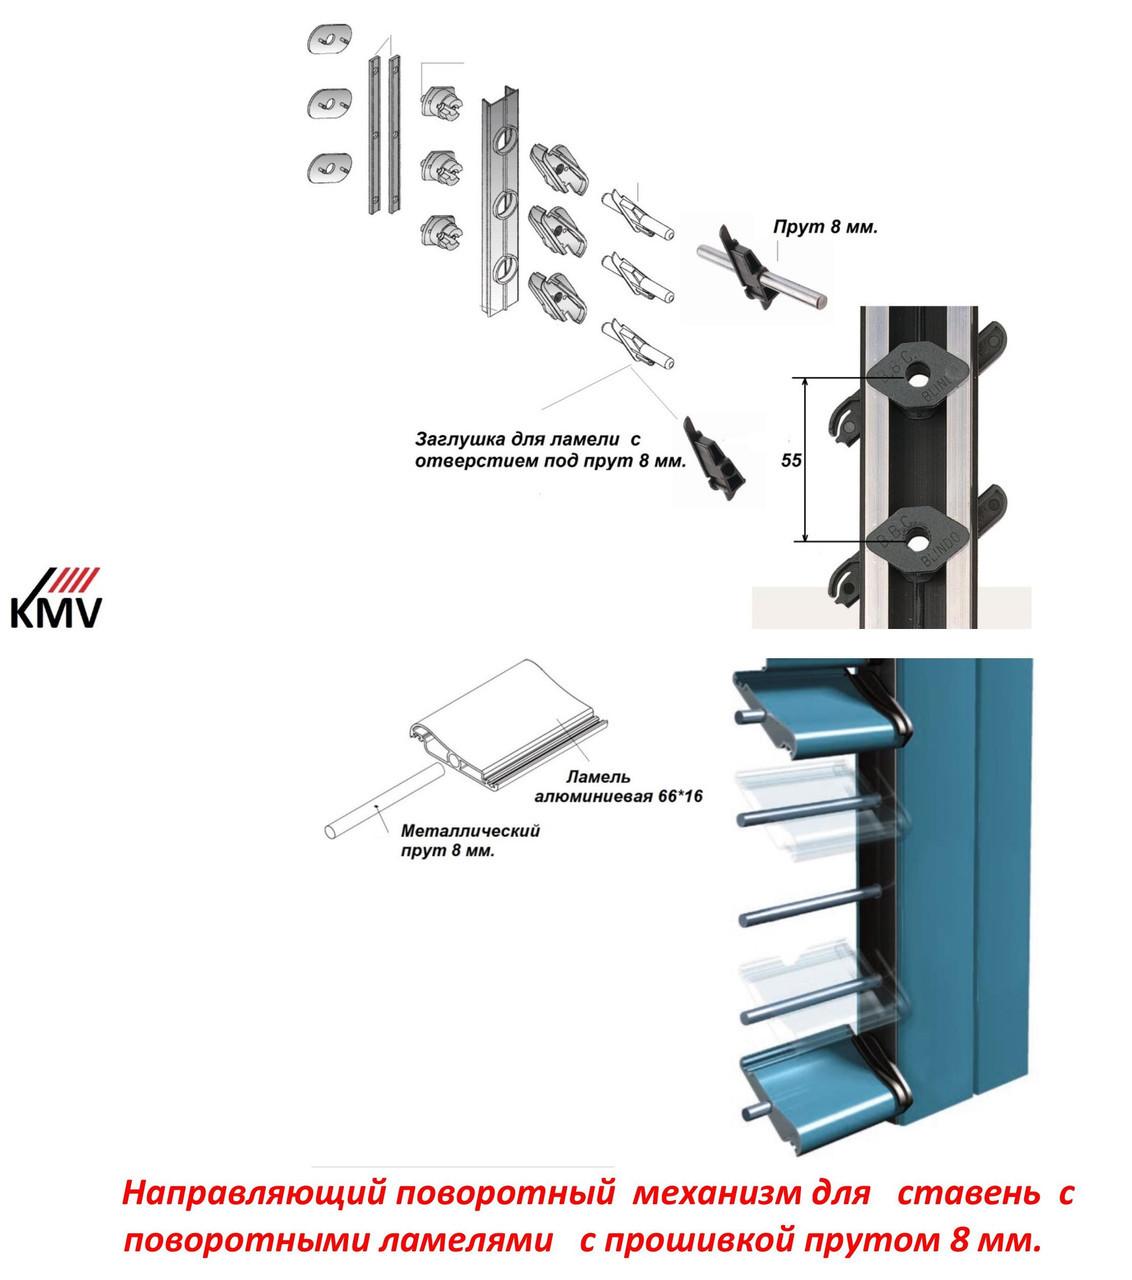 Поворотный механизм для изготовления ставней жалюзей с прошивкой прутом